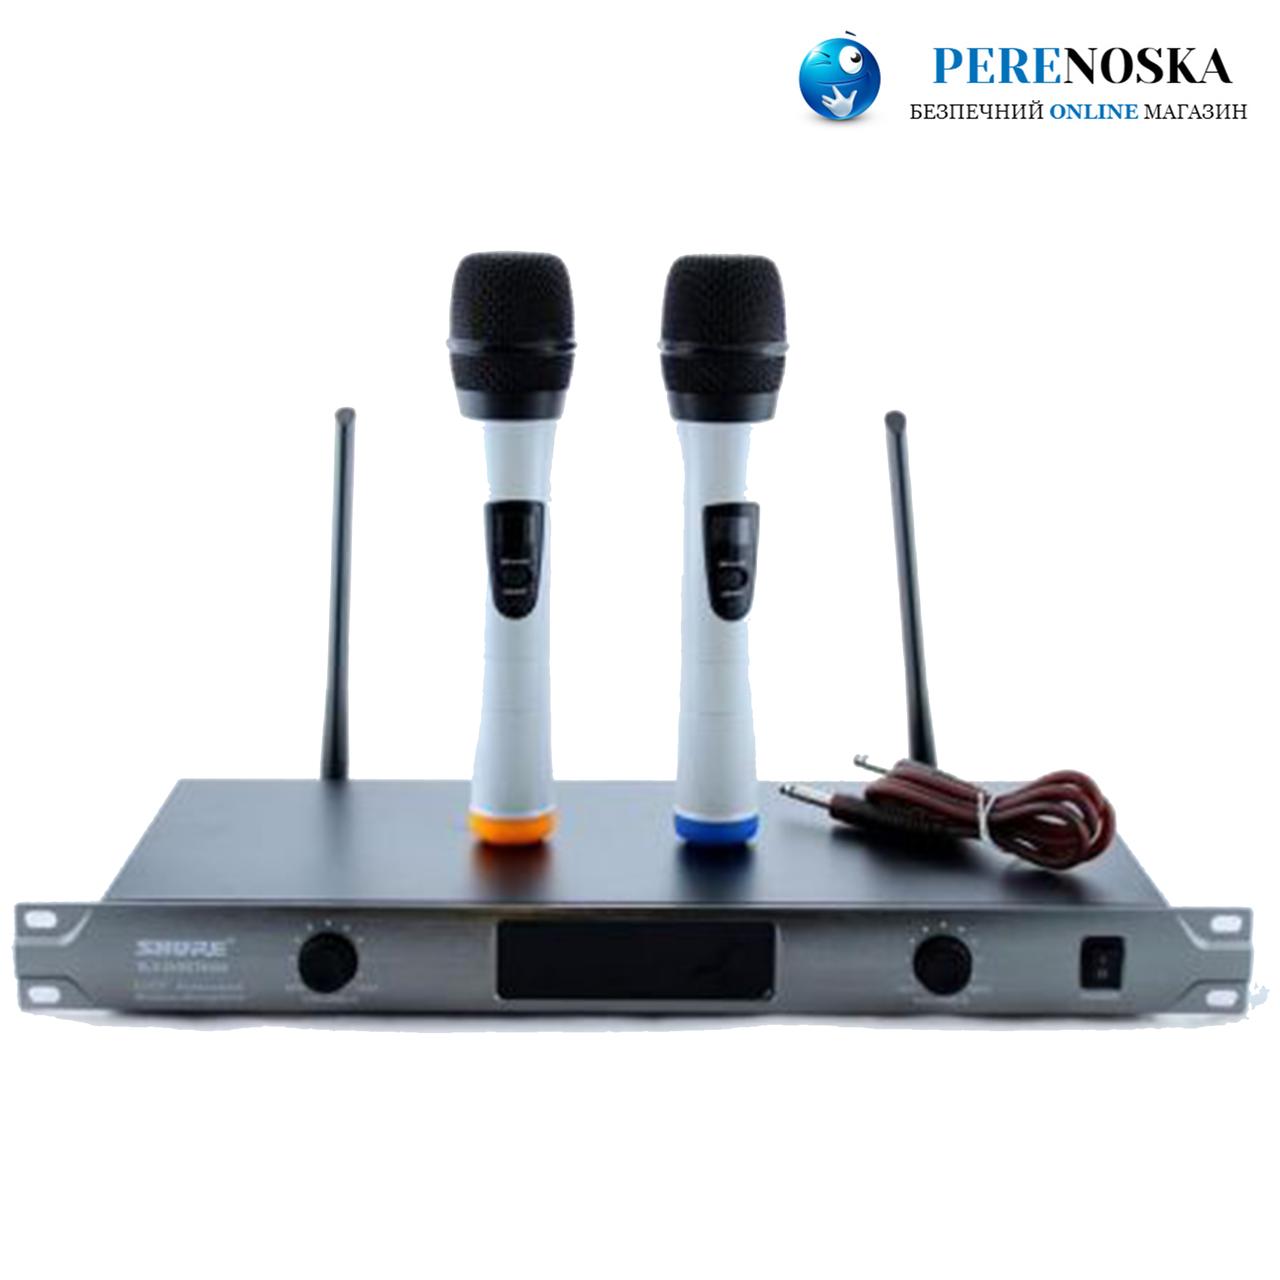 Радиосистема SHURE DM BLX 58/ + 2 беспроводный микрофона